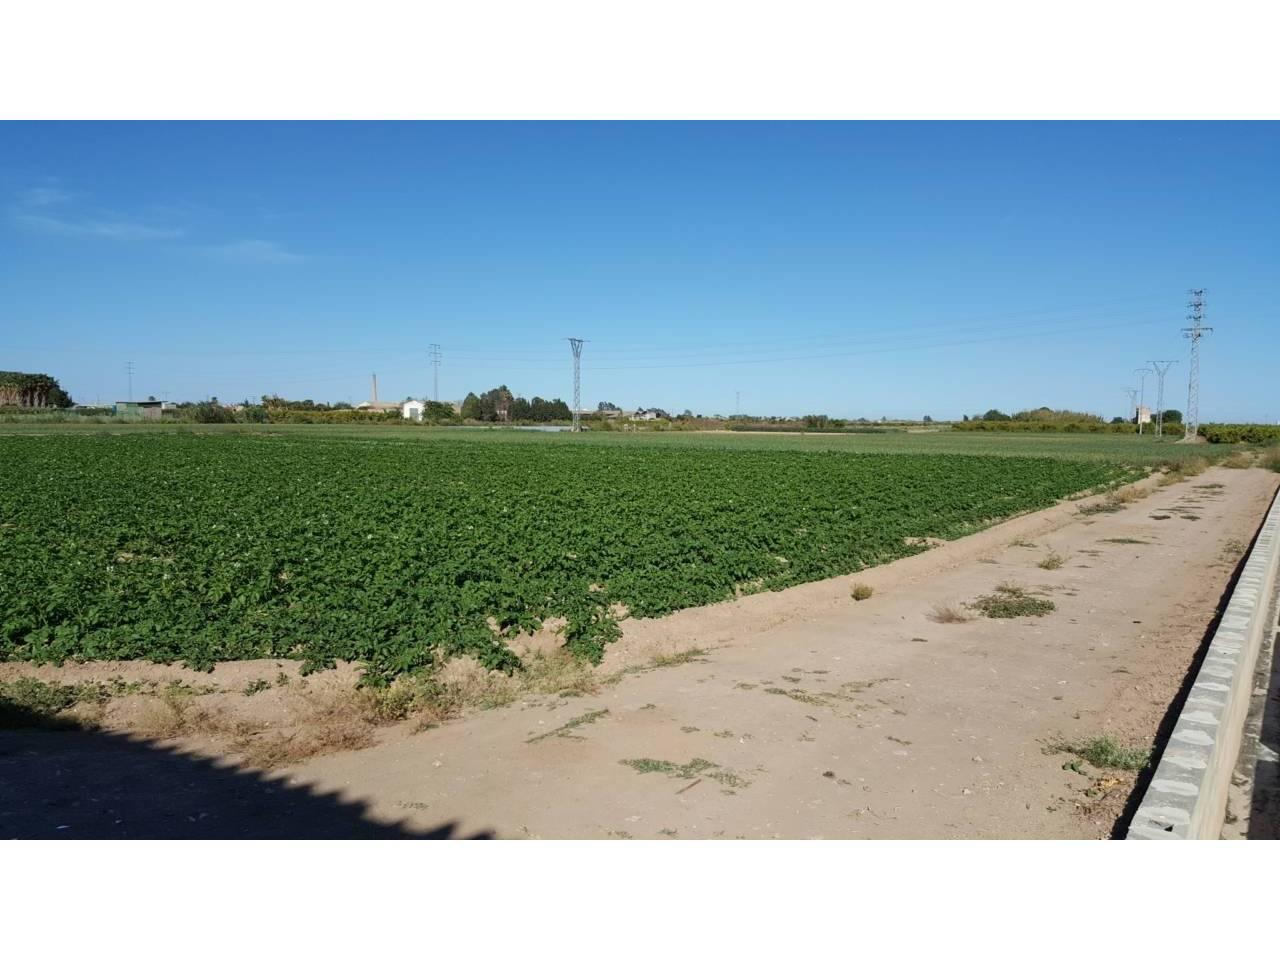 Stadtgrundstück  Puerto de Catarroja. 2778 m² solar, 3 hanegadas de terreno rustico.